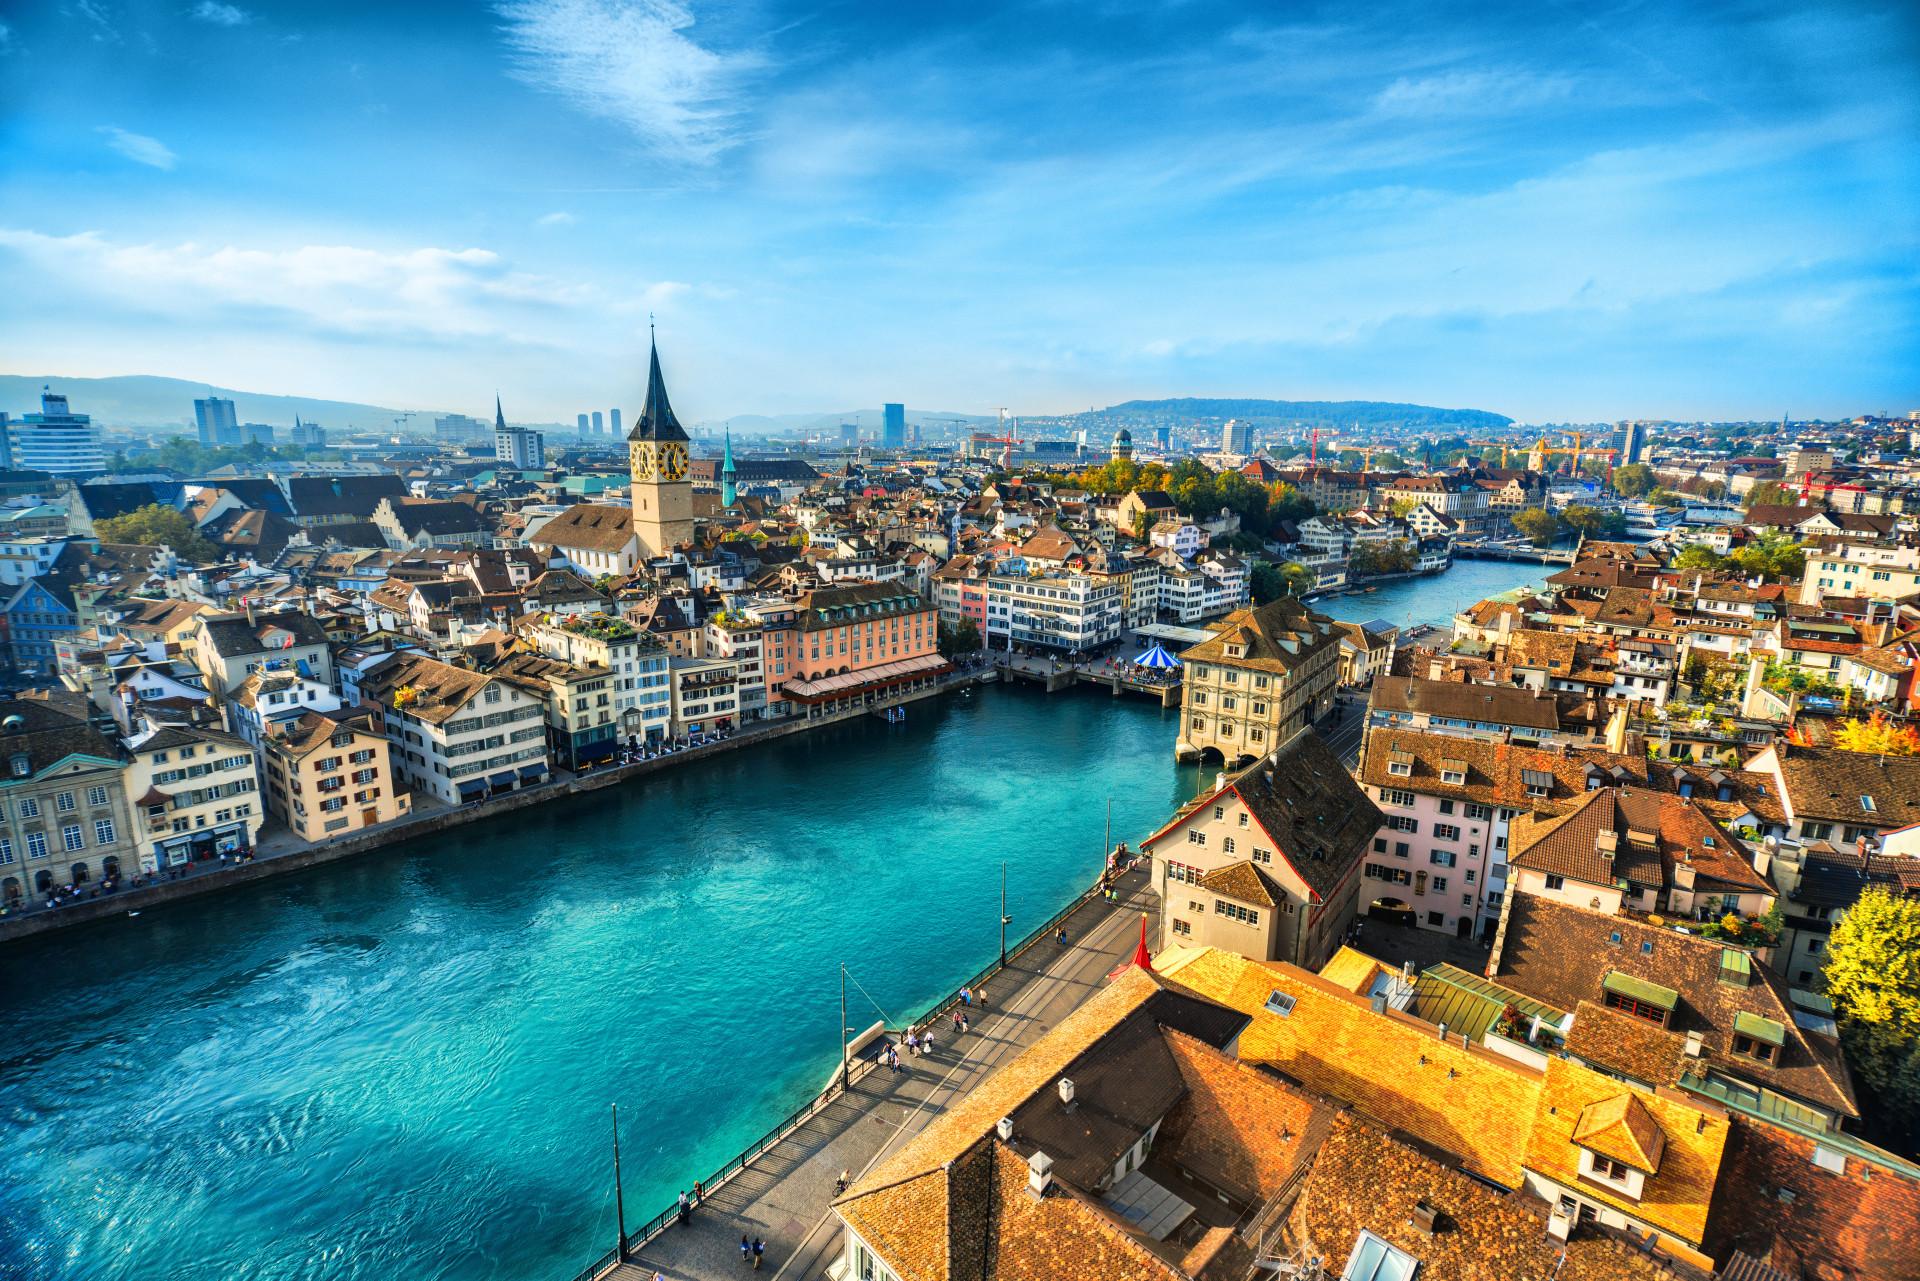 Custo de vida: as cidades mais caras e baratas para se viver